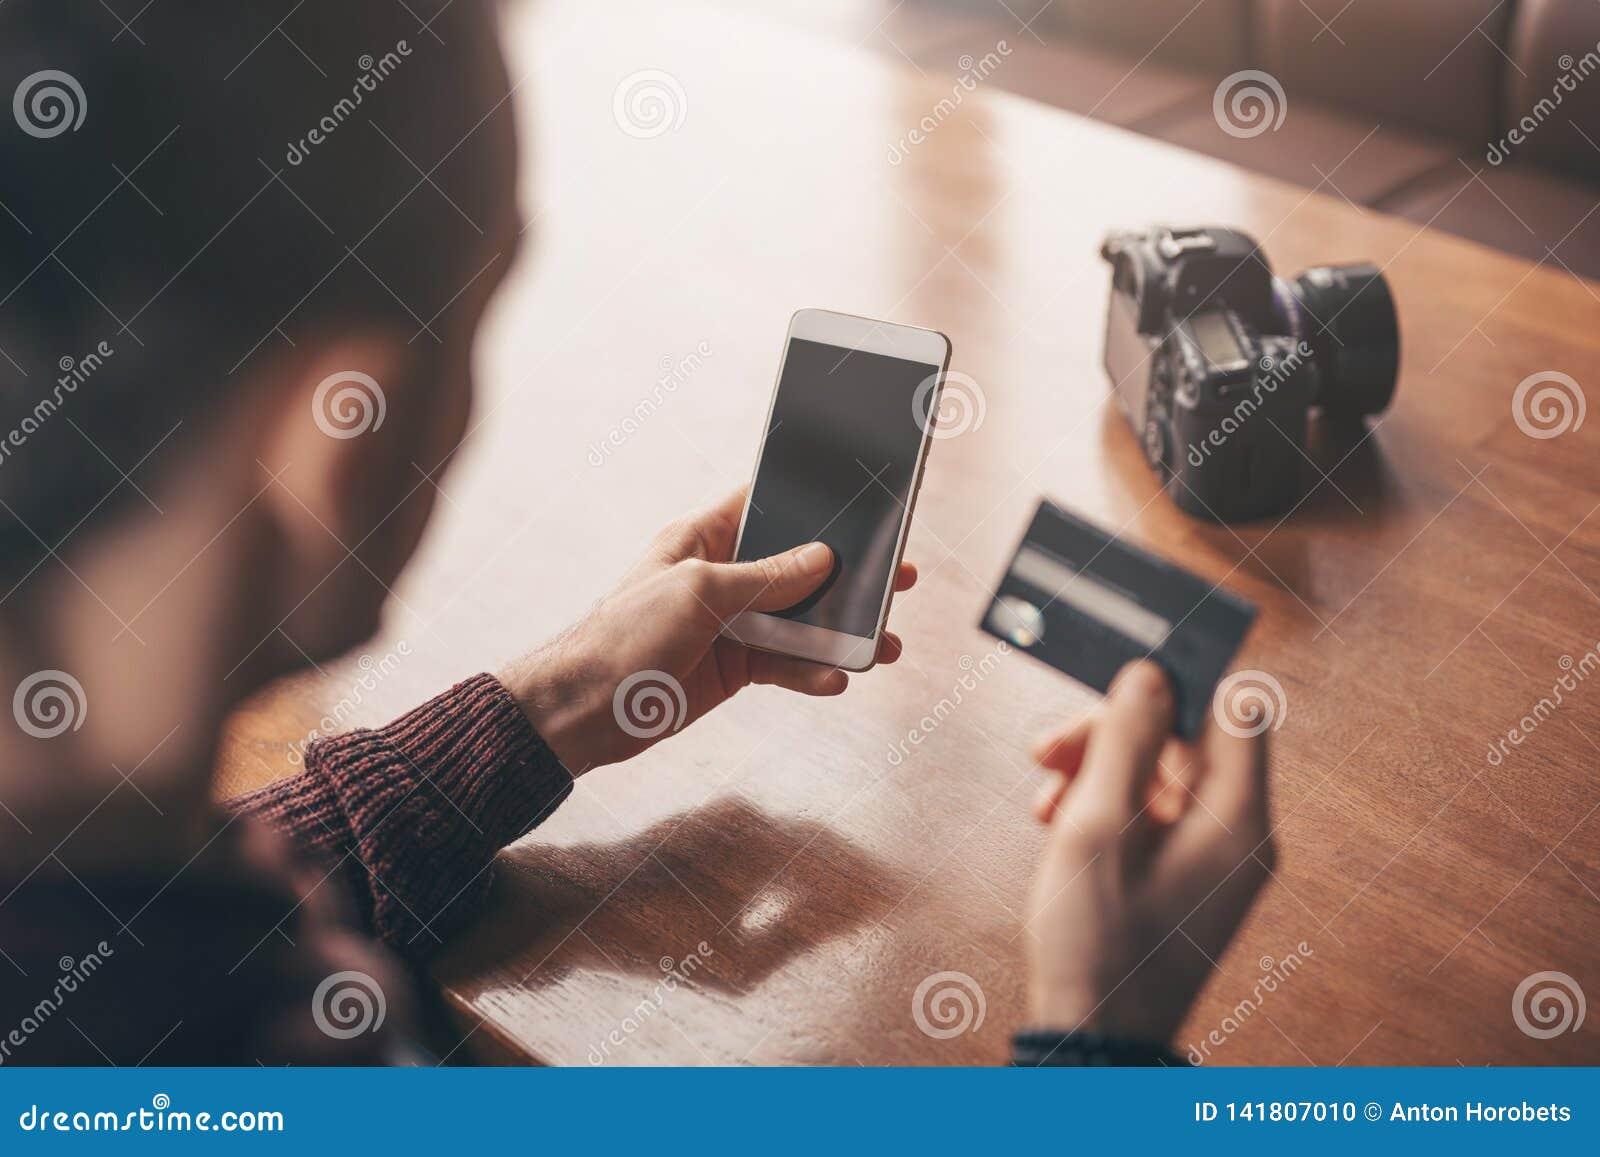 Actividades bancarias en línea con el teléfono elegante, número de la reescritura de la tarjeta de crédito